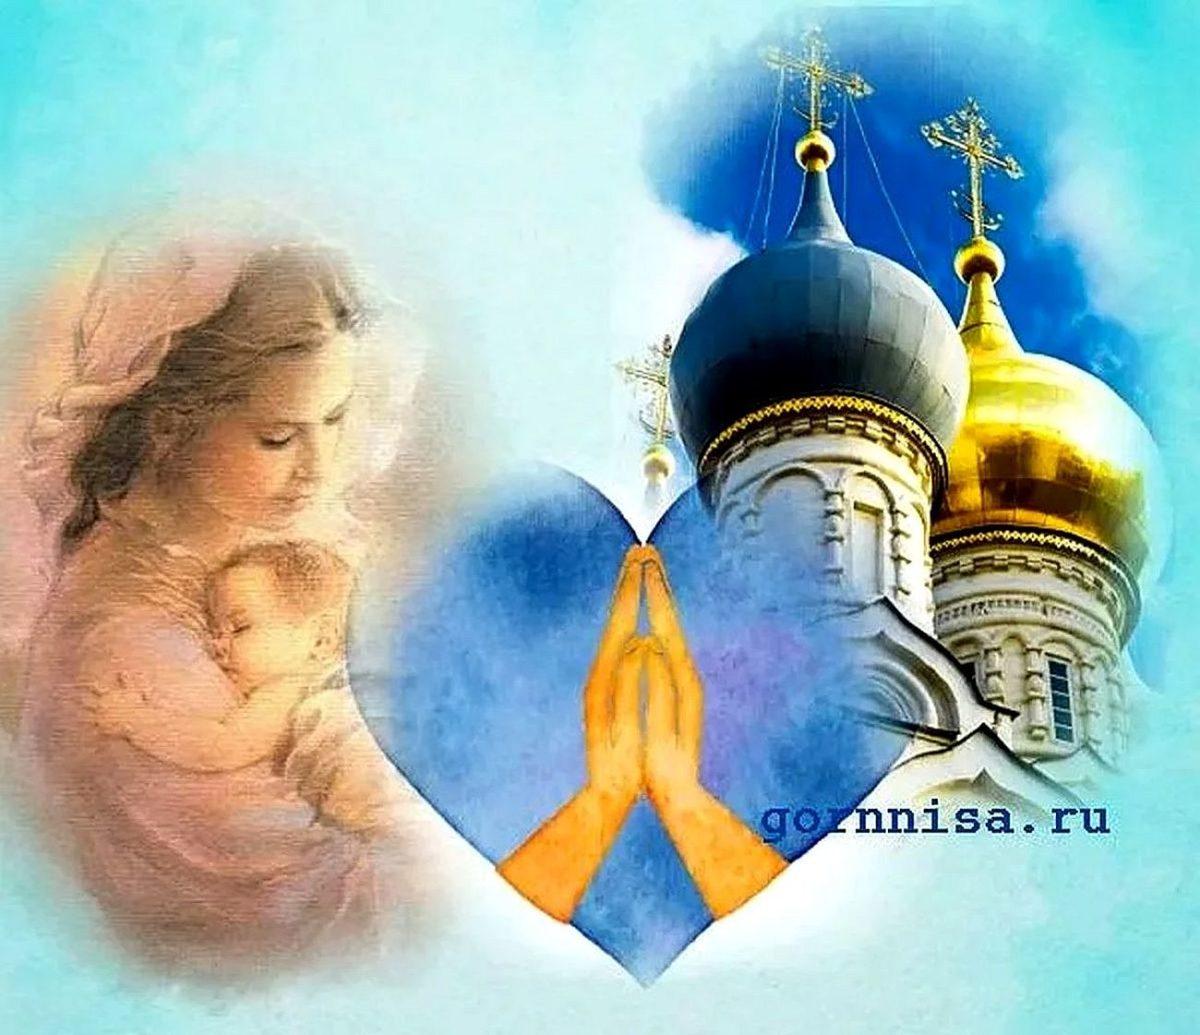 Сильные молитвы о здравии детей